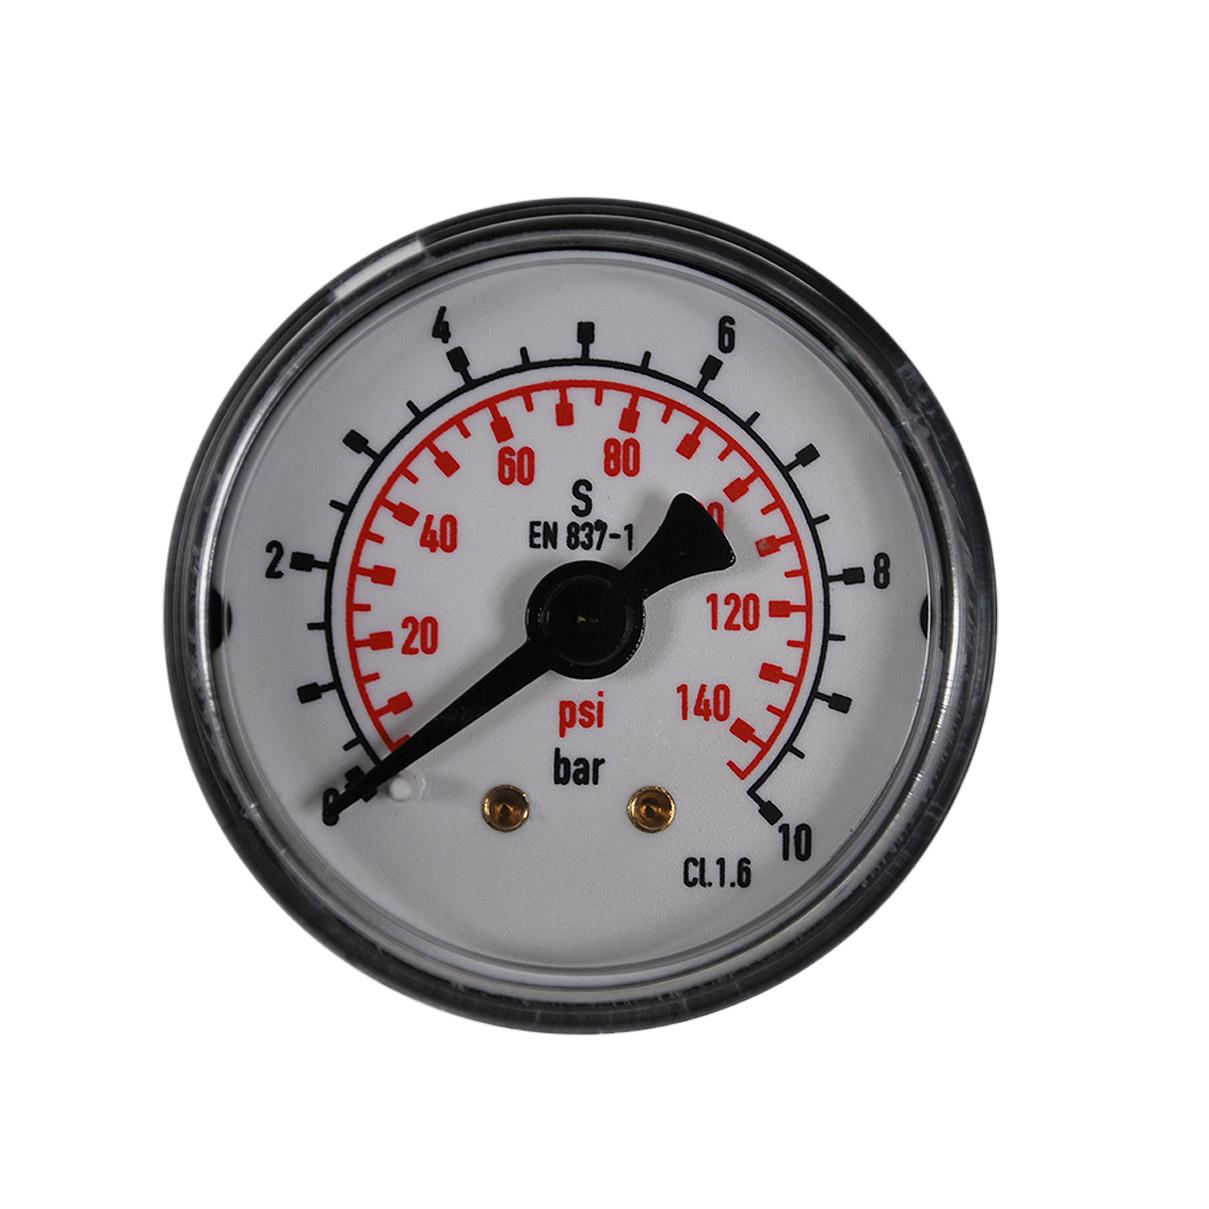 verschiedene Anschlüsse Manometer bis 10bar für Druckminderer